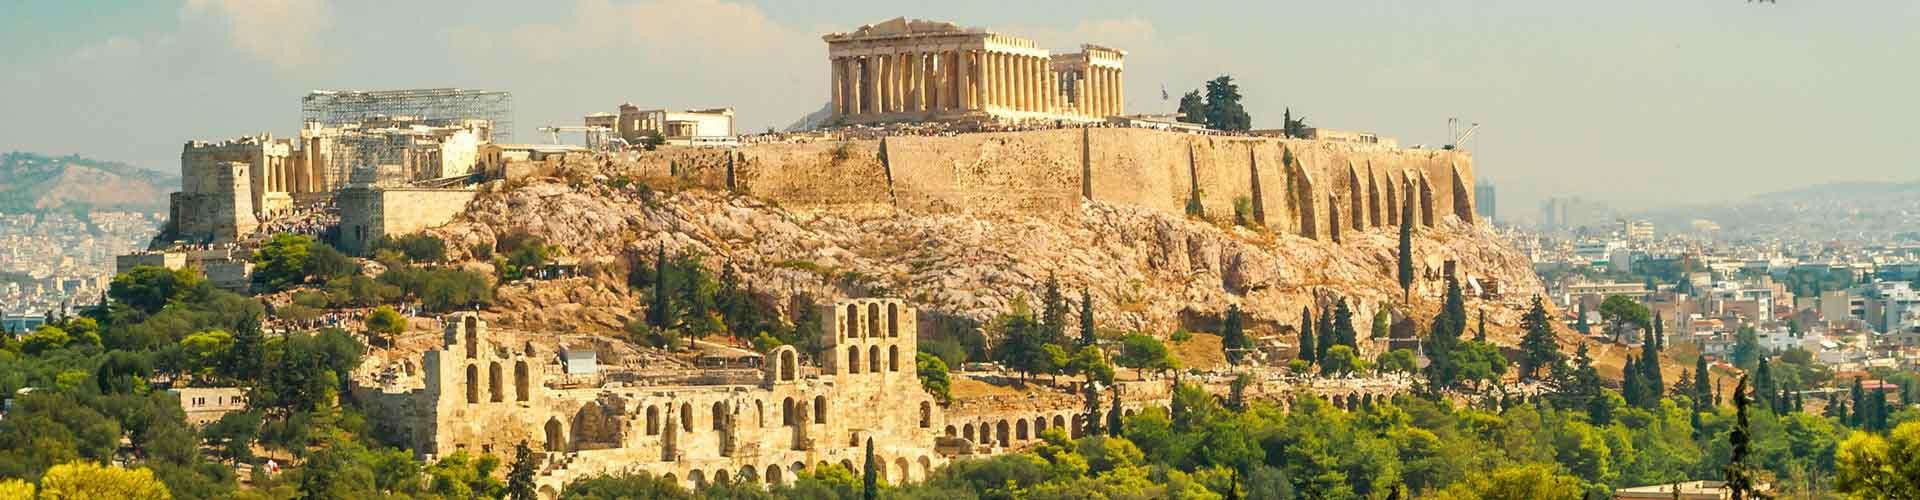 Atenas - Albergues en Atenas. Mapas de Atenas, Fotos y Comentarios para cada Albergue en Atenas.